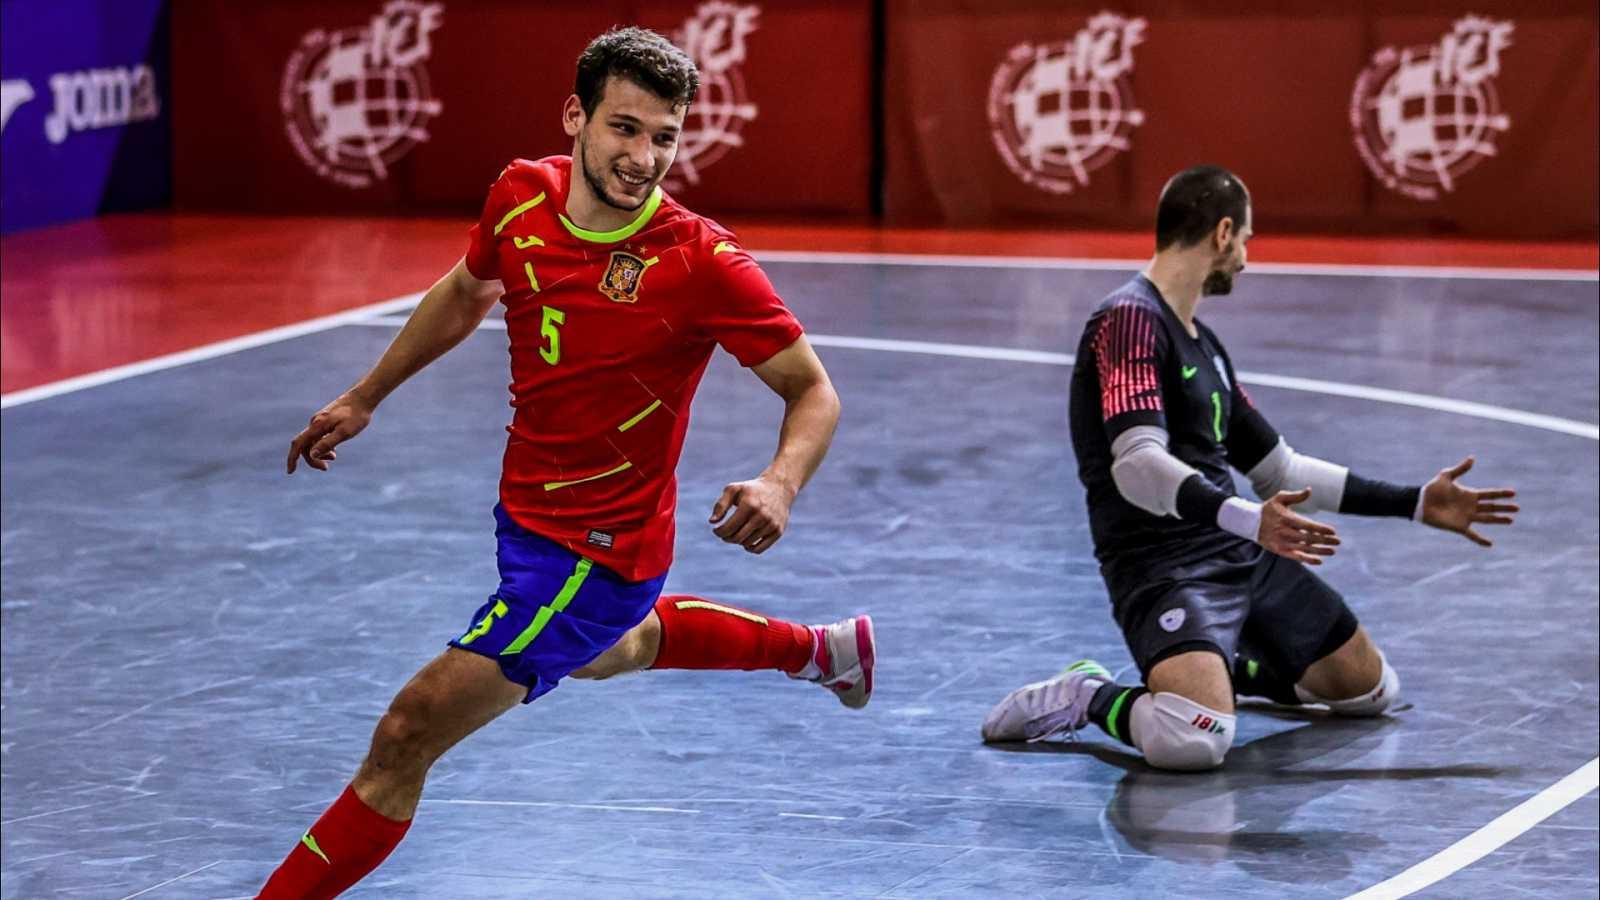 Desde Las Rozas (Madrid), Clasificación Campeonato de Europa 2022. 3ª jornada: España - Eslovenia.